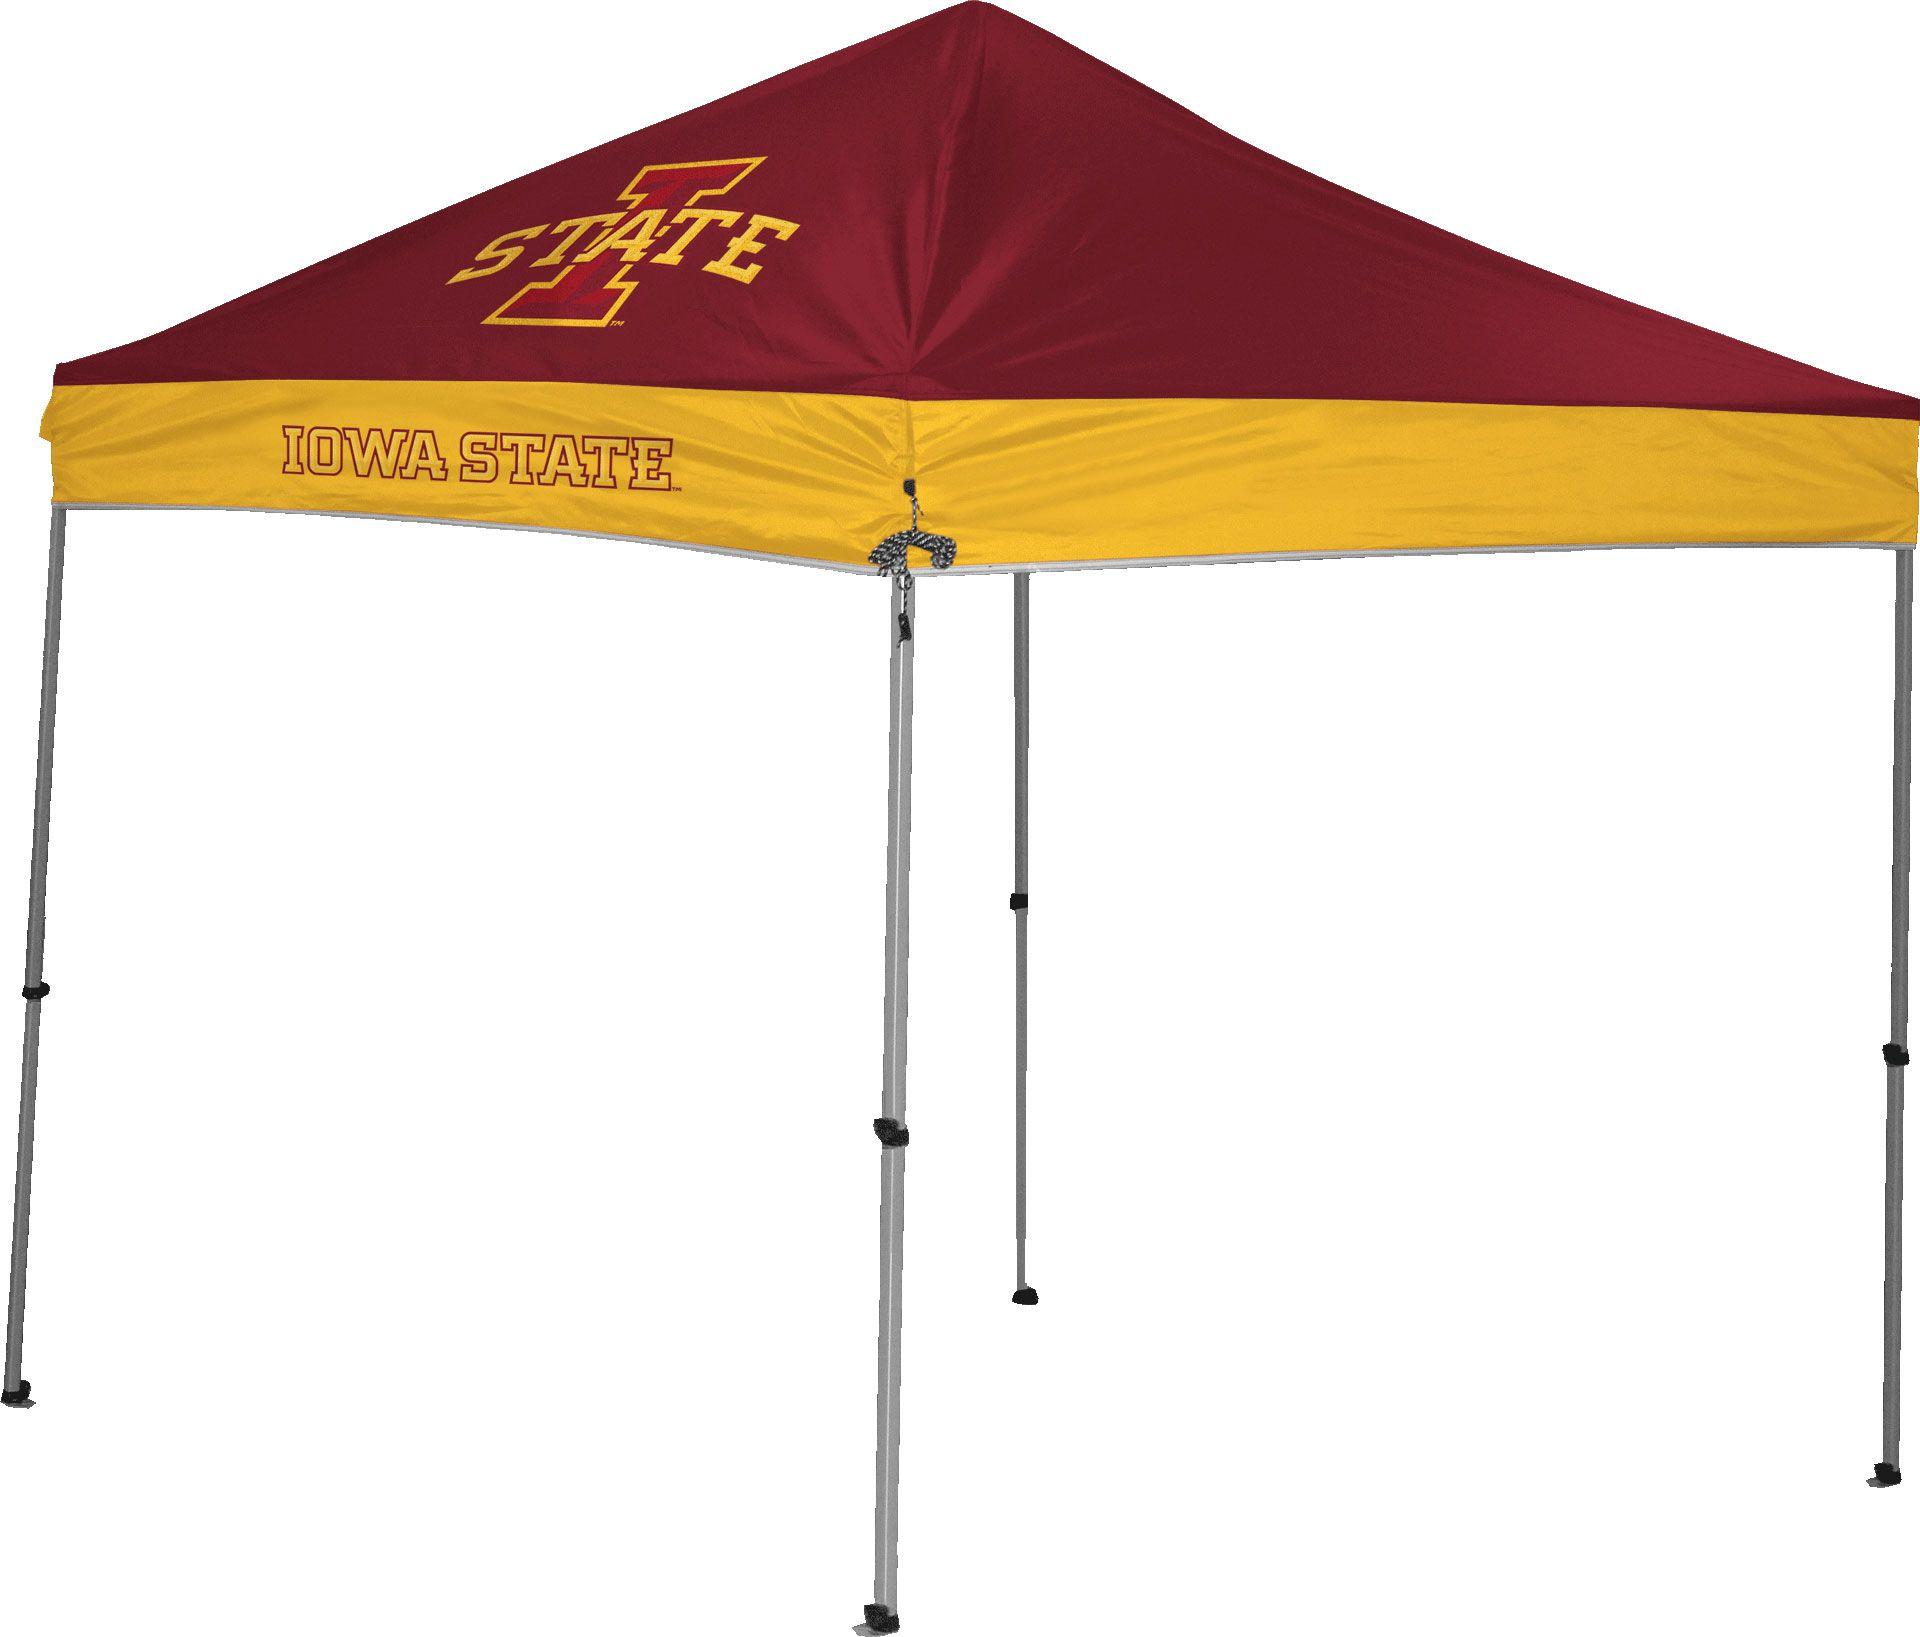 noImageFound ???  sc 1 st  DICKu0027S Sporting Goods & Rawlings Iowa State Cyclones 9u0027 x 9u0027 Sideline Canopy Tent | DICKu0027S ...